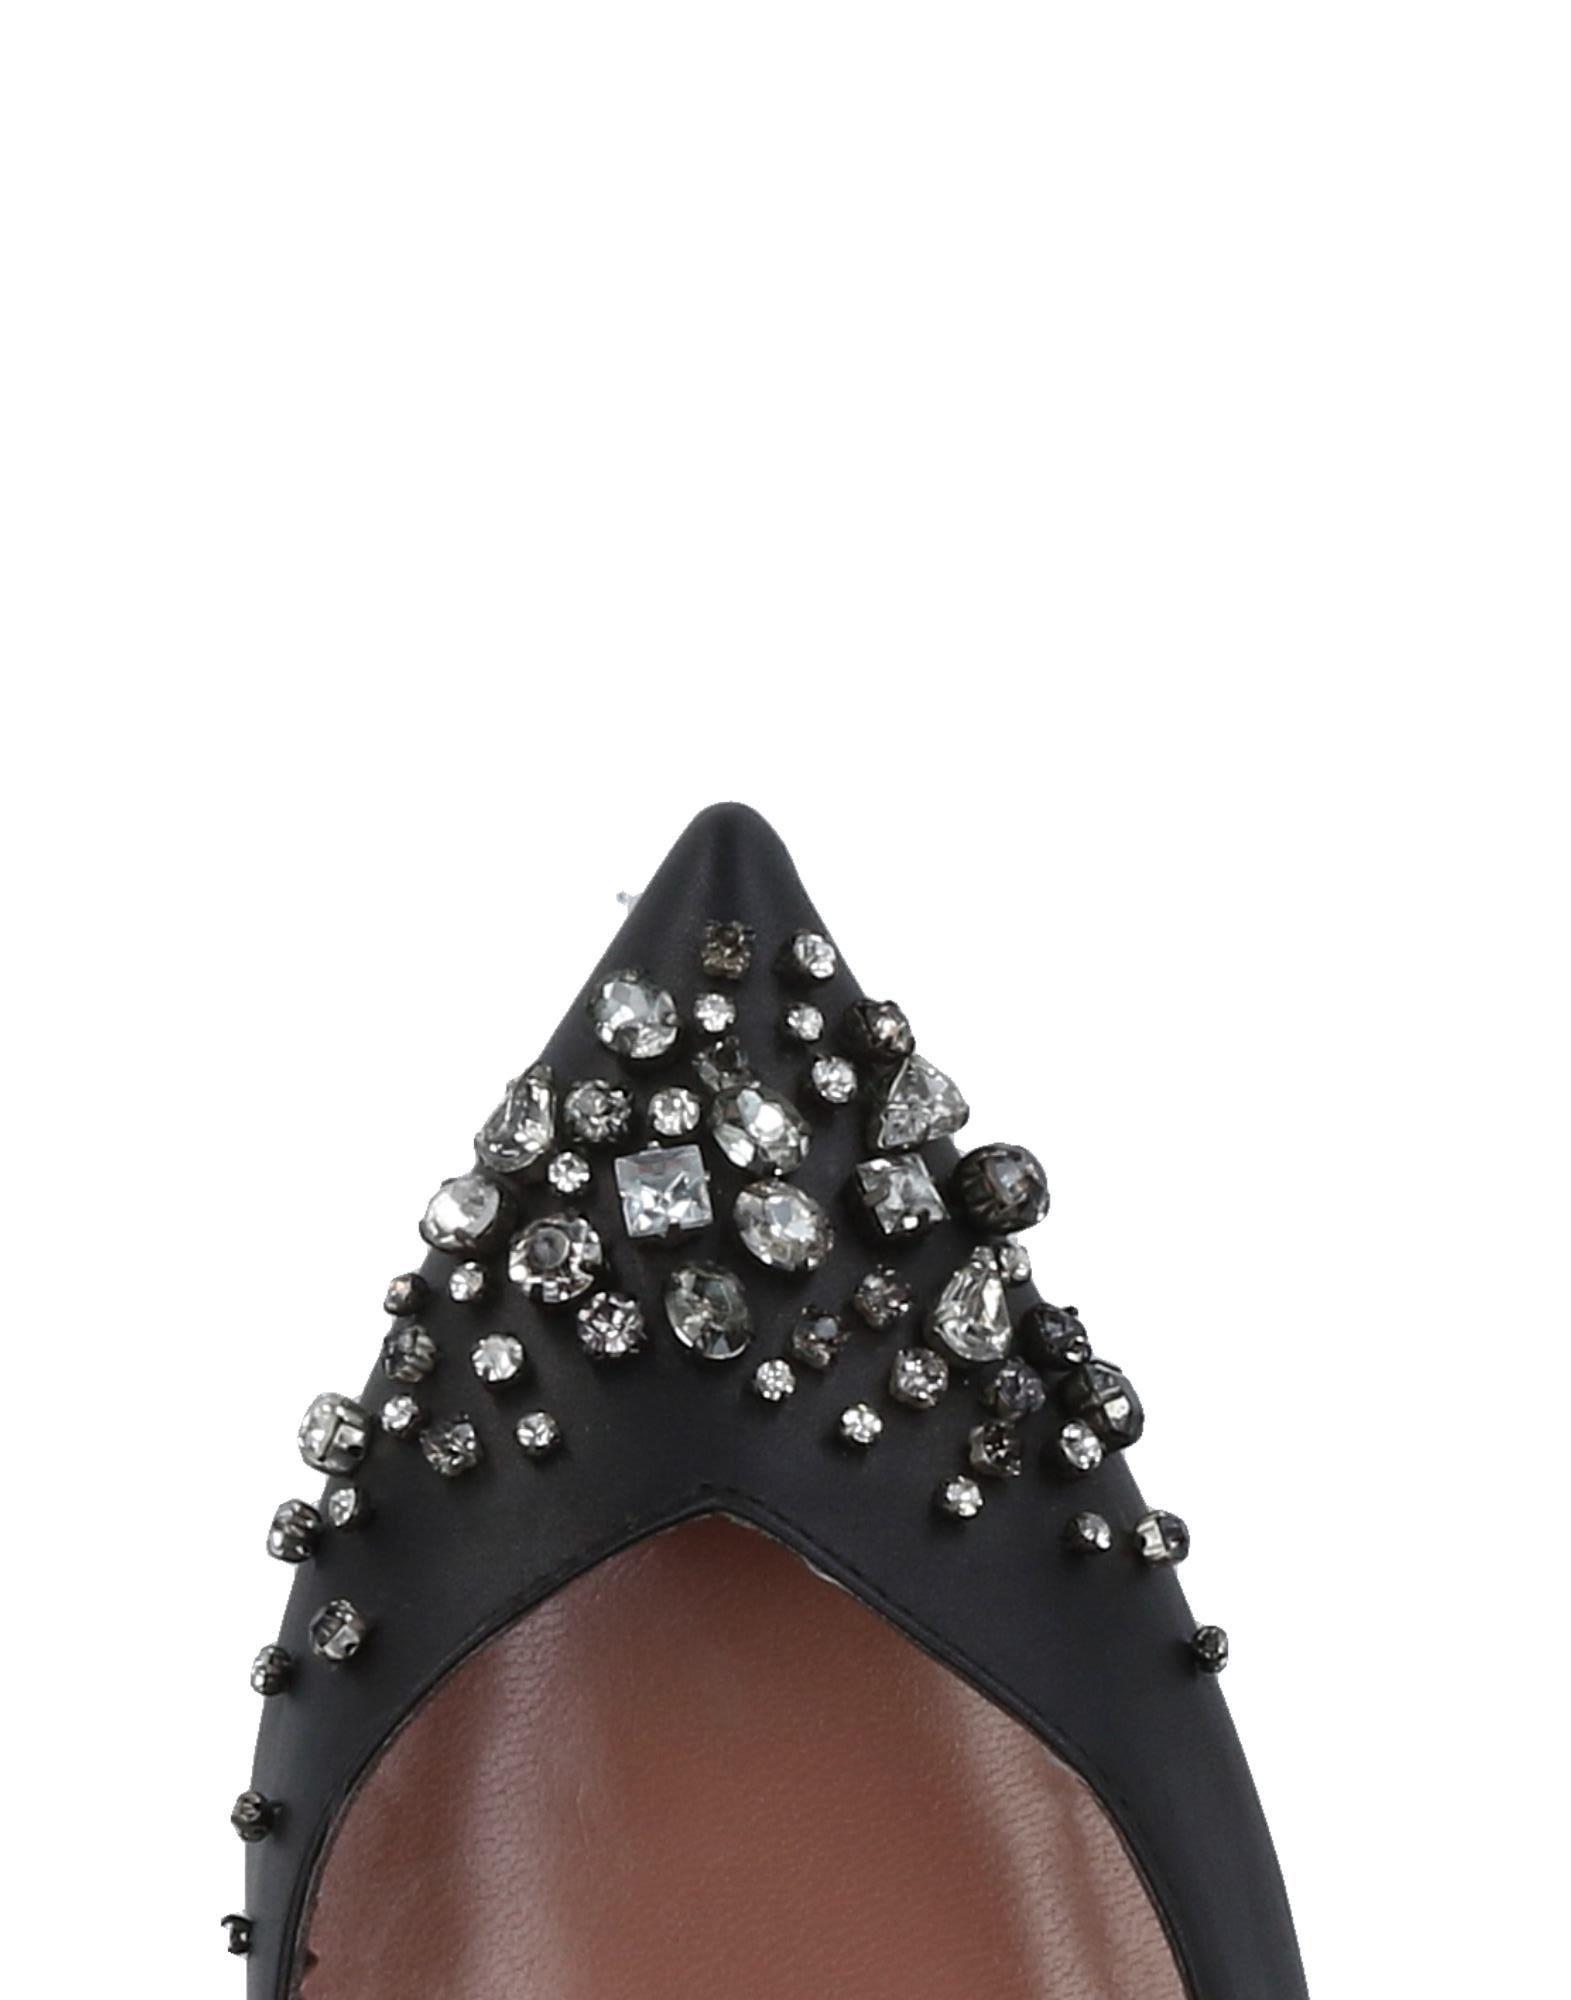 Stilvolle billige Schuhe ROT(V) Pumps 11454706FV Damen  11454706FV Pumps ef2b2b